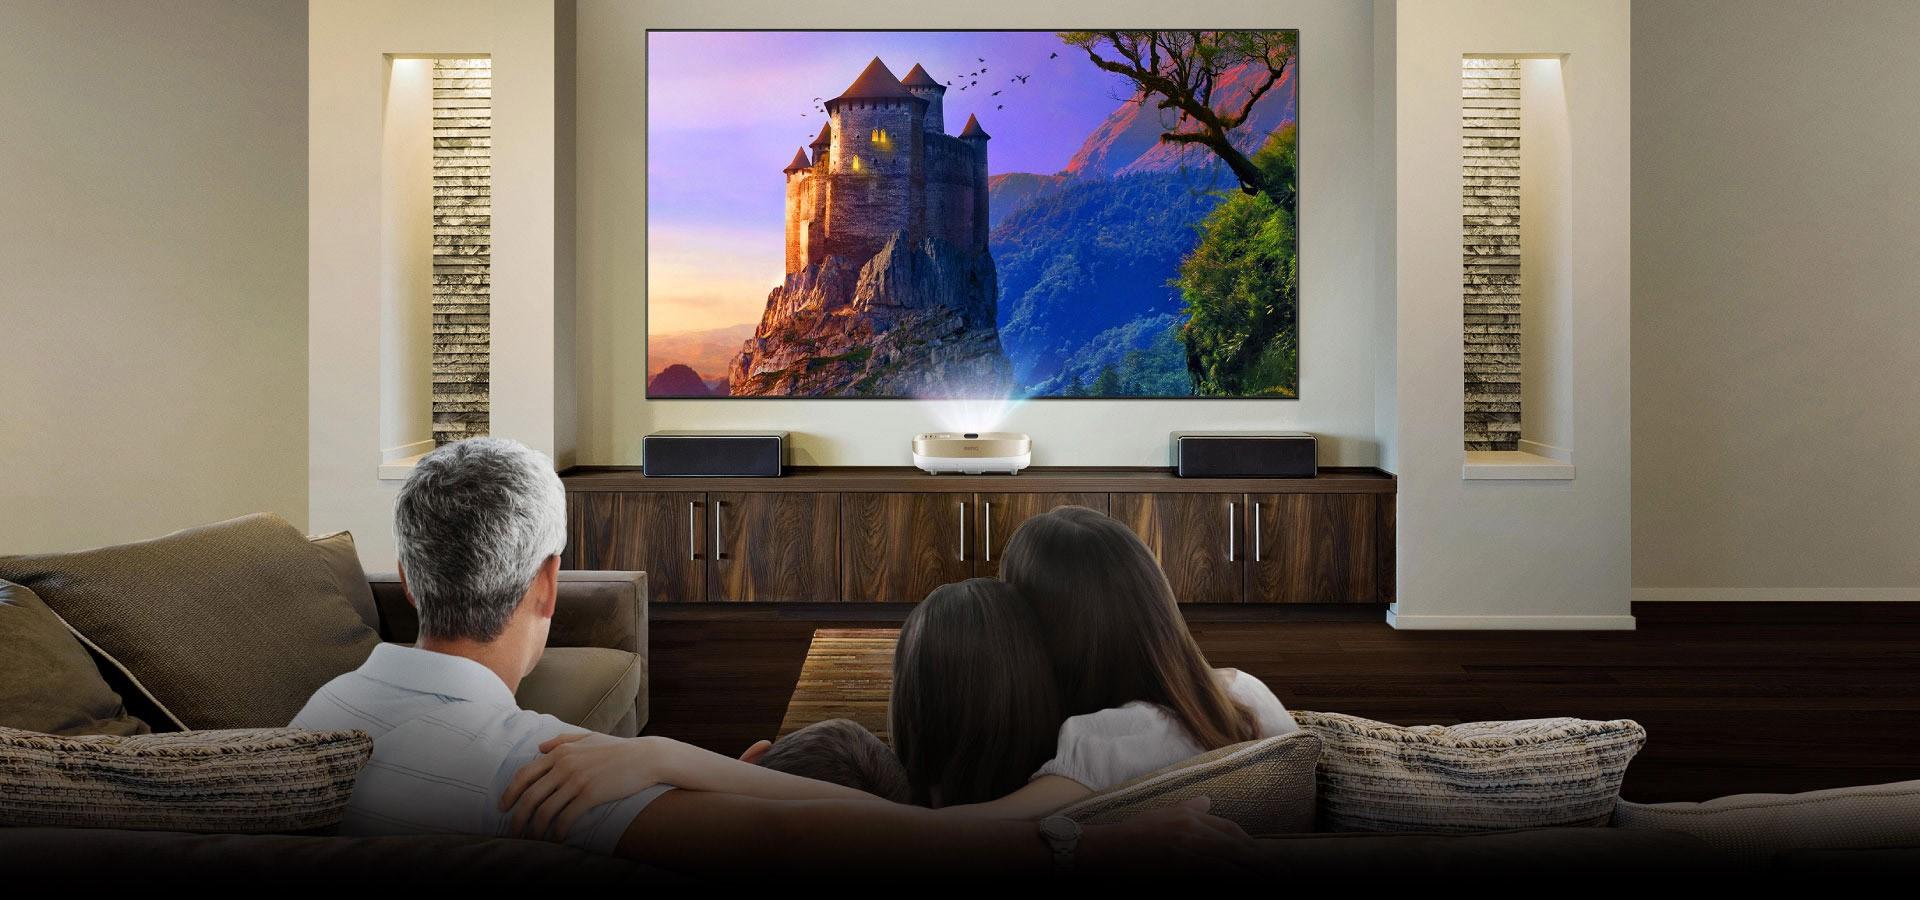 BenQ domină piaţa de video-proiectoare din România